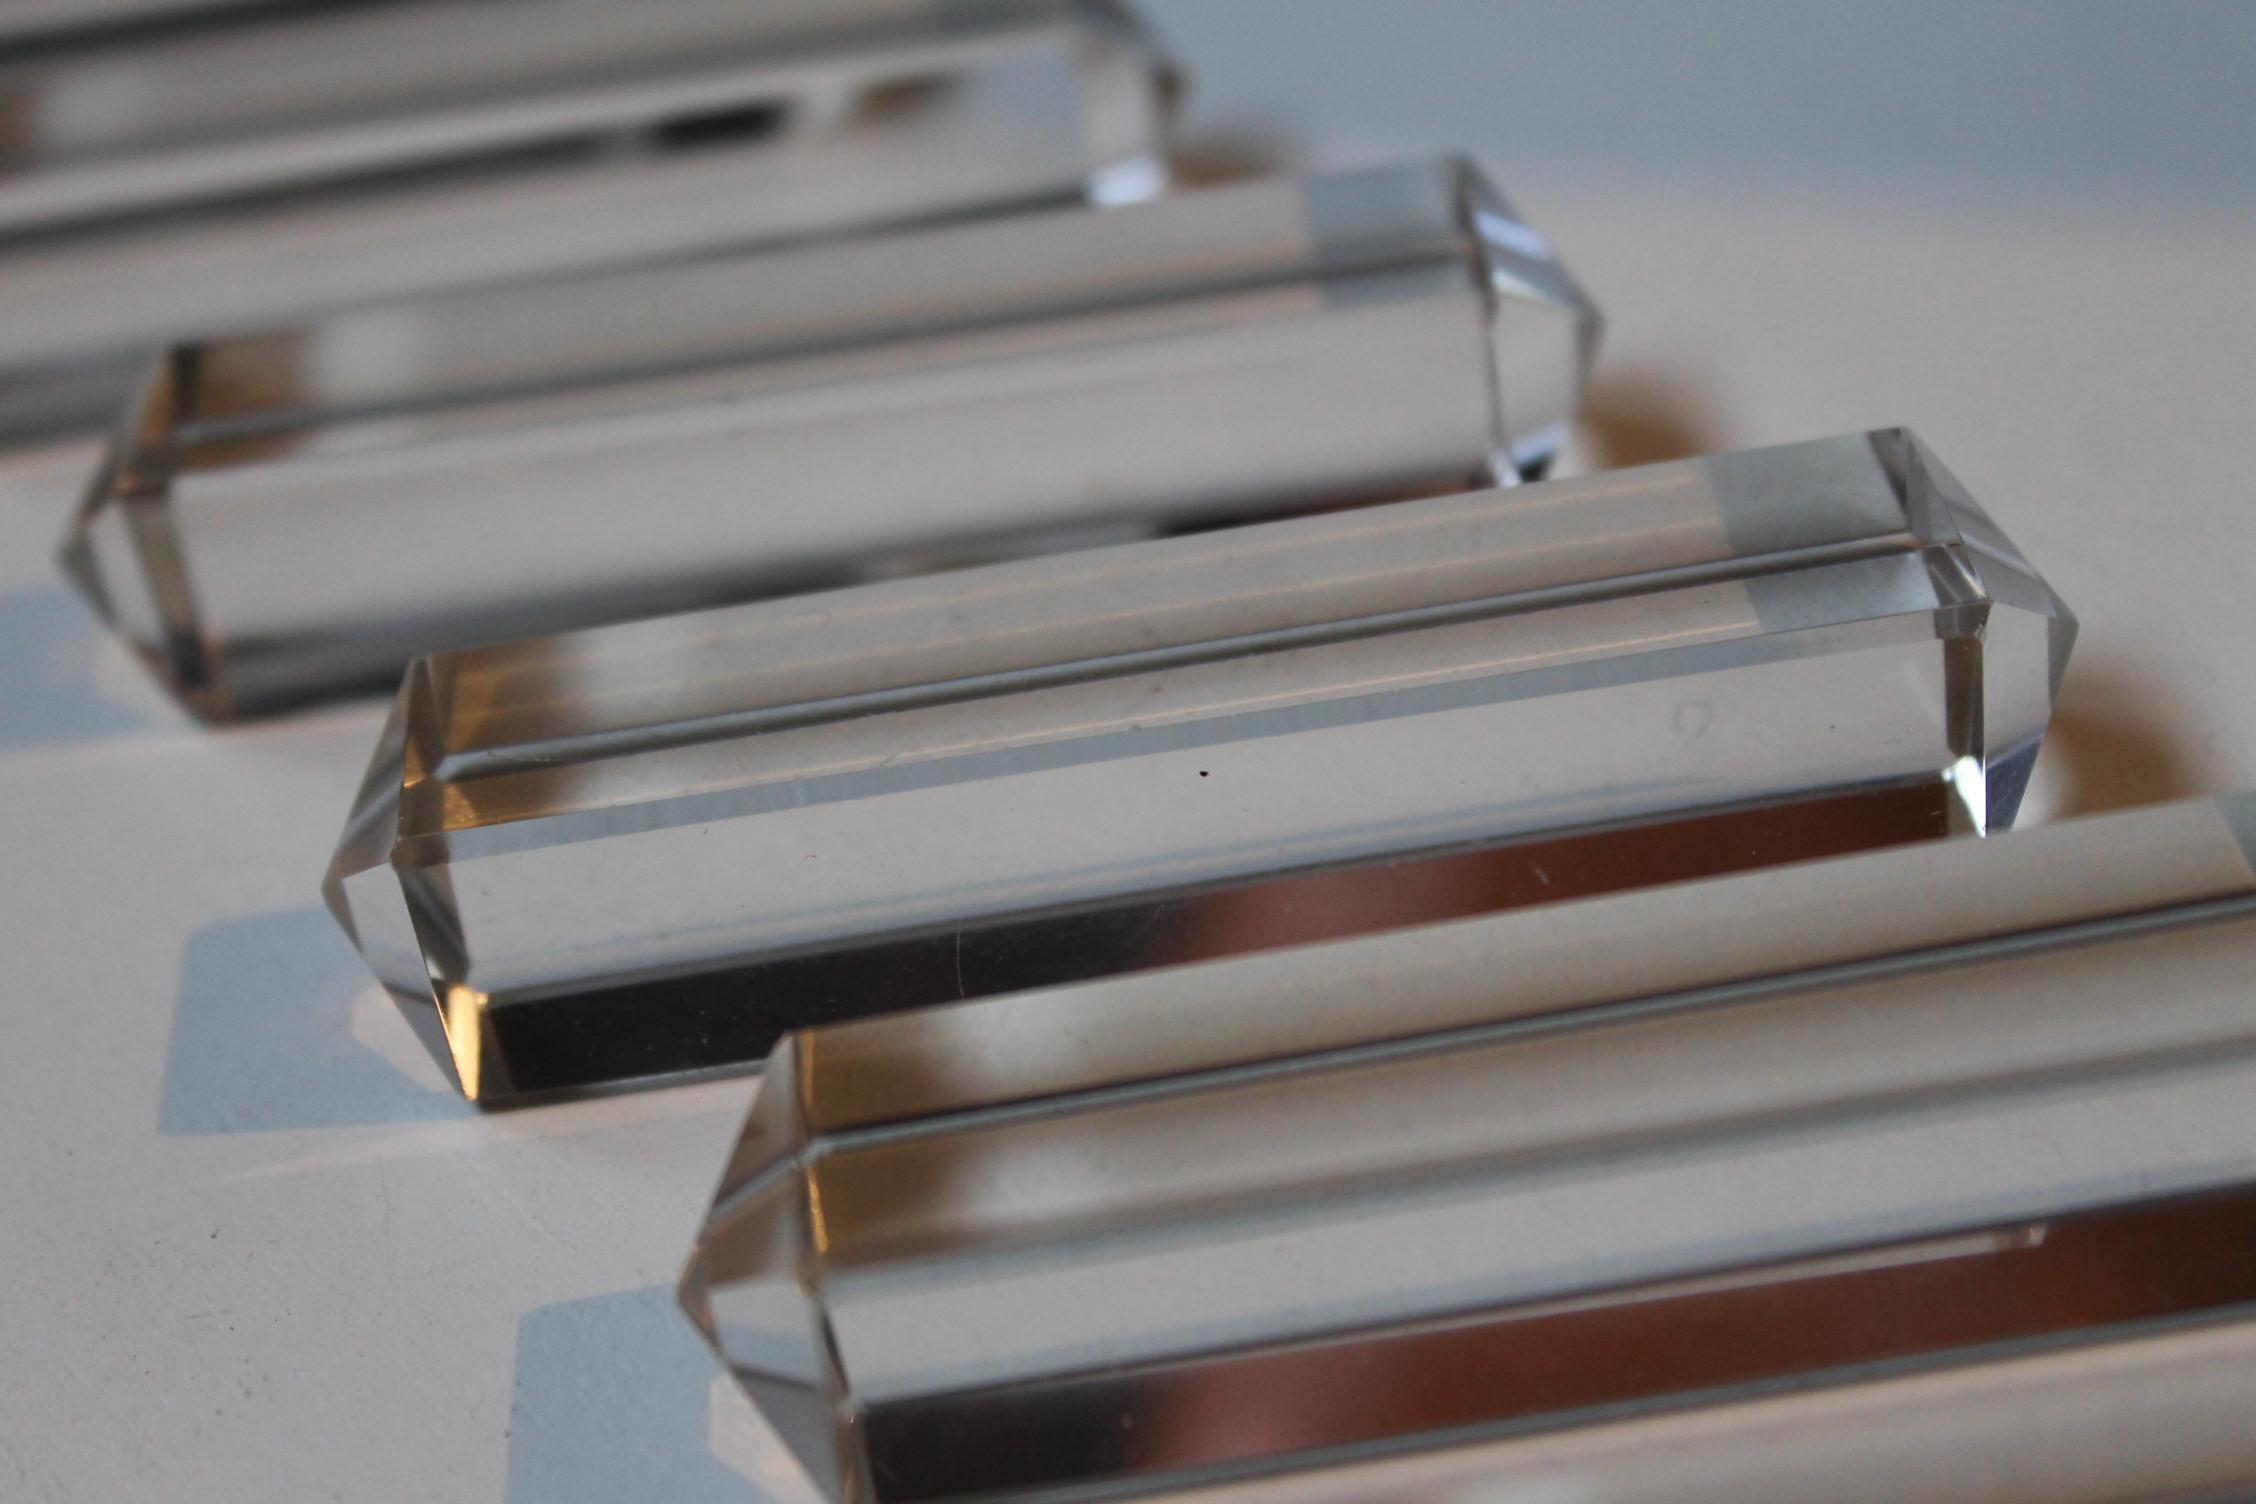 12 portes couteaux en cristal magasin pierre brost - Porte couteaux pour table ...